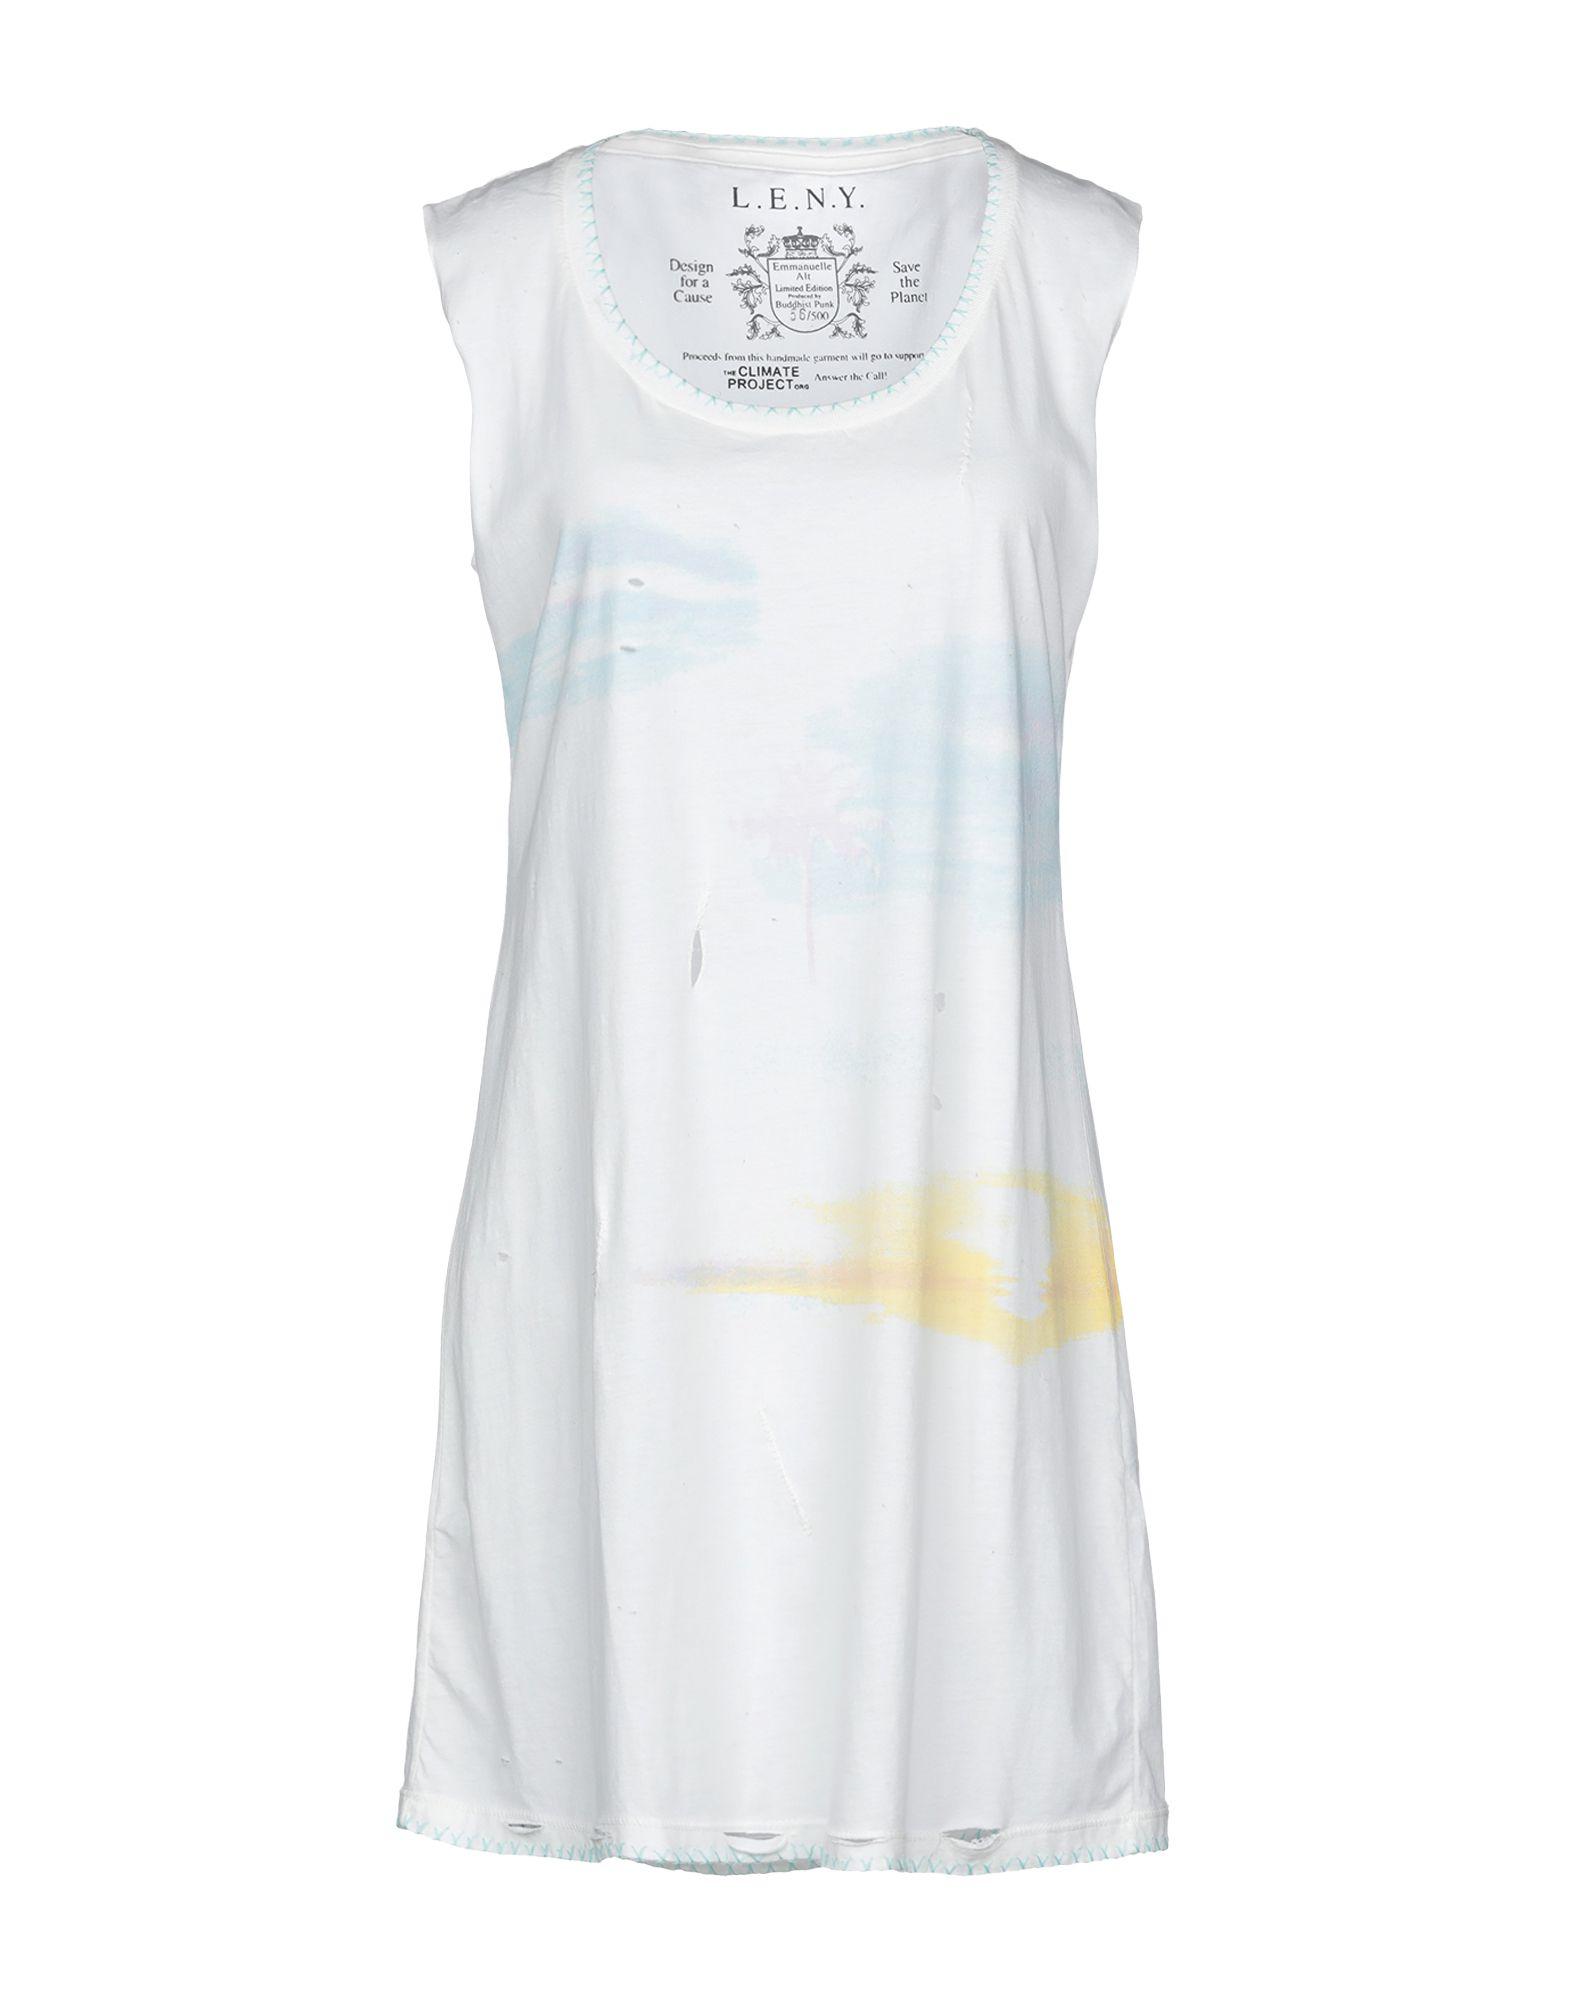 《送料無料》L.E.N.Y. レディース ミニワンピース&ドレス ホワイト S コットン 100%